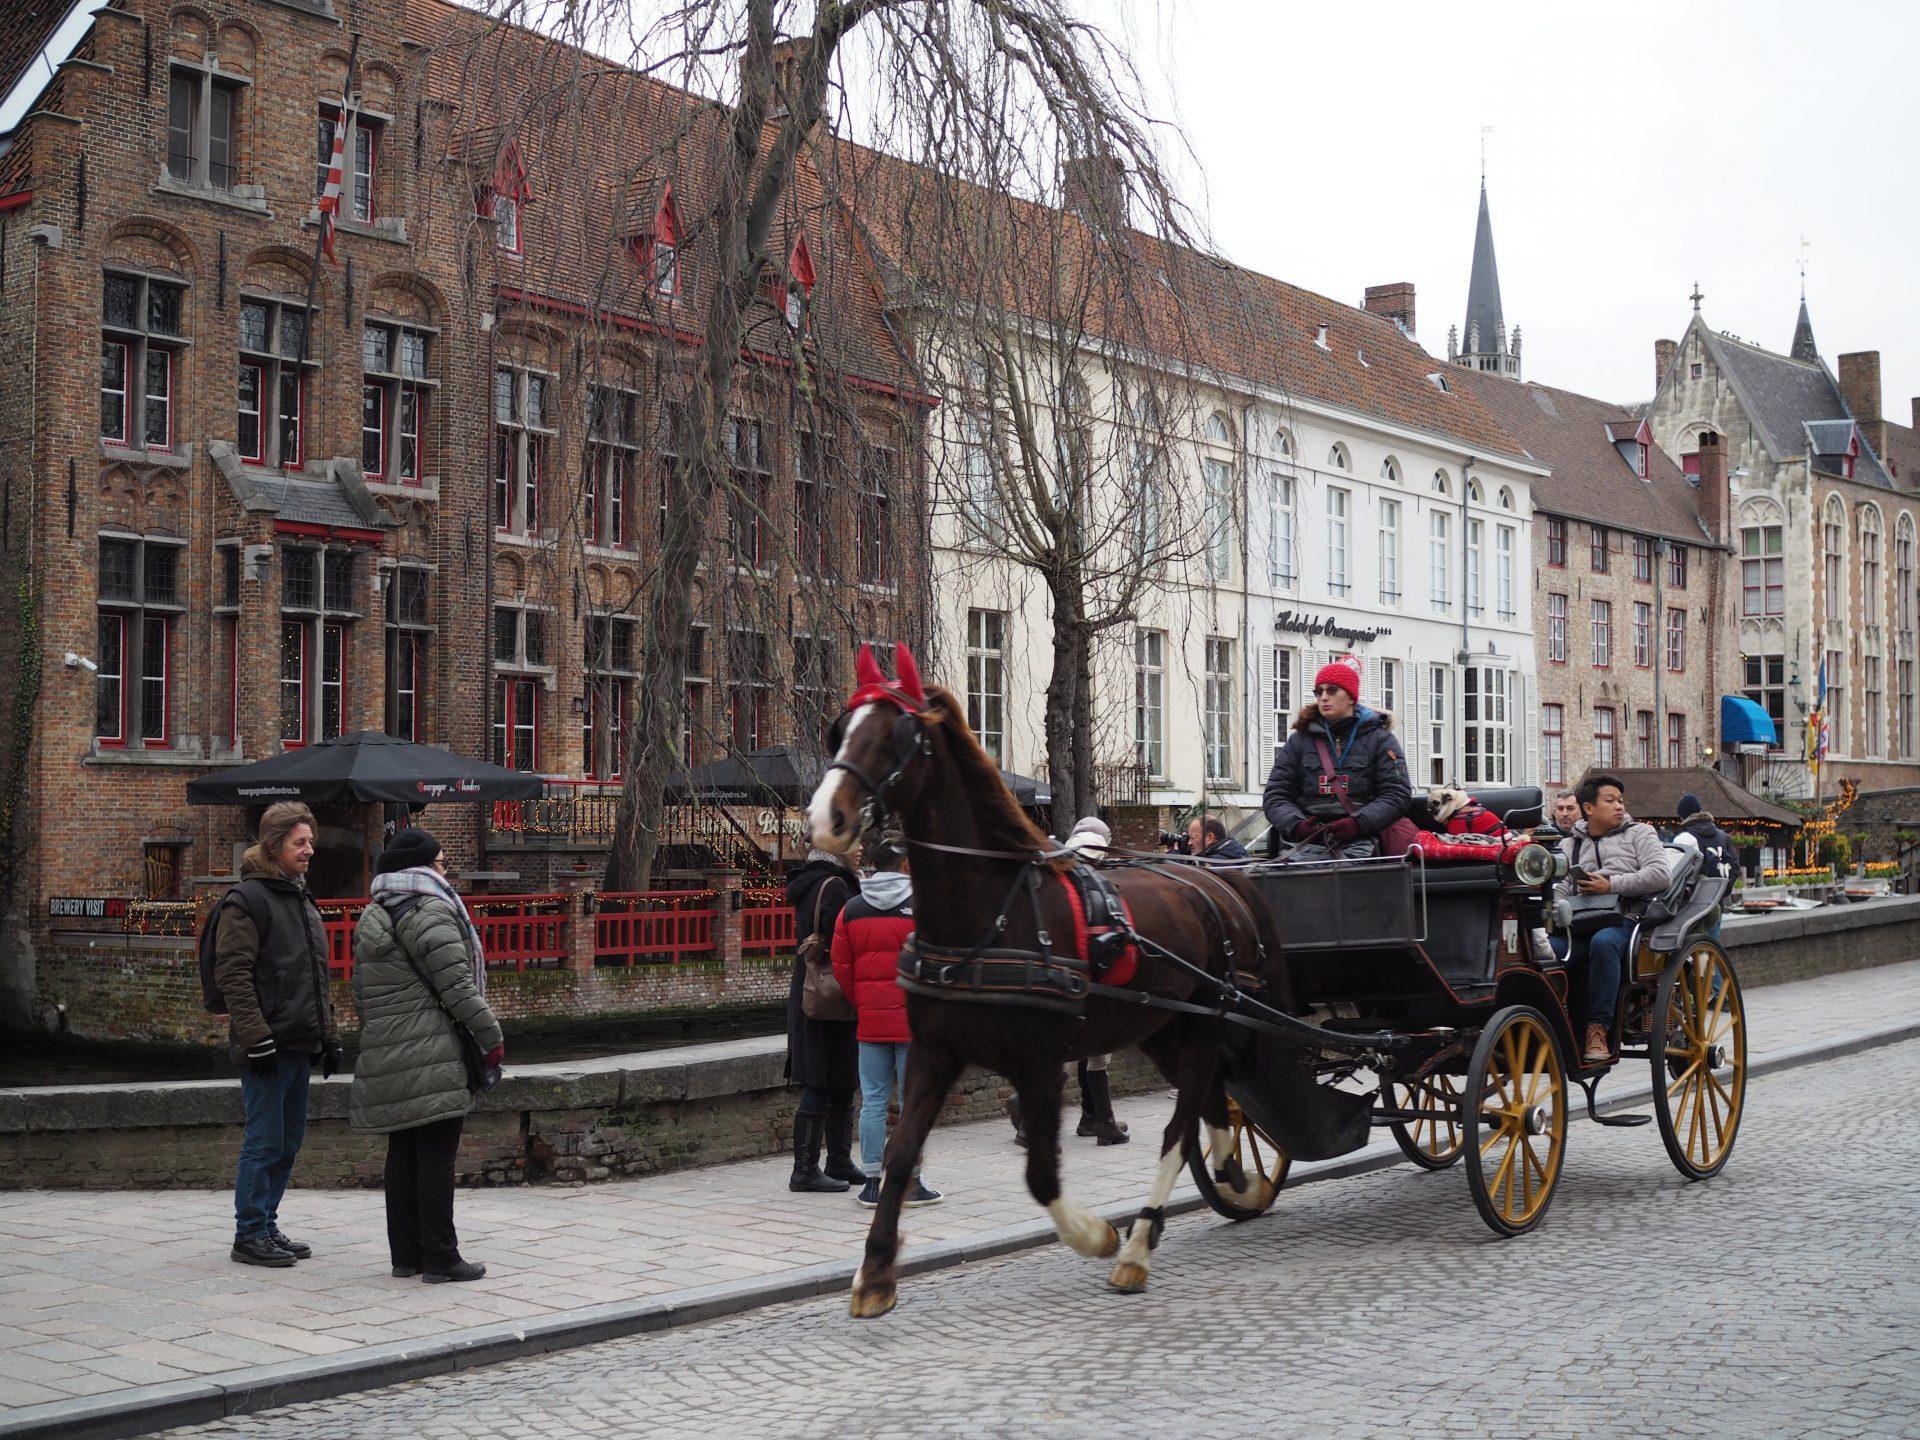 brugge hevonen hevosvaunut hevosajelu kanaali